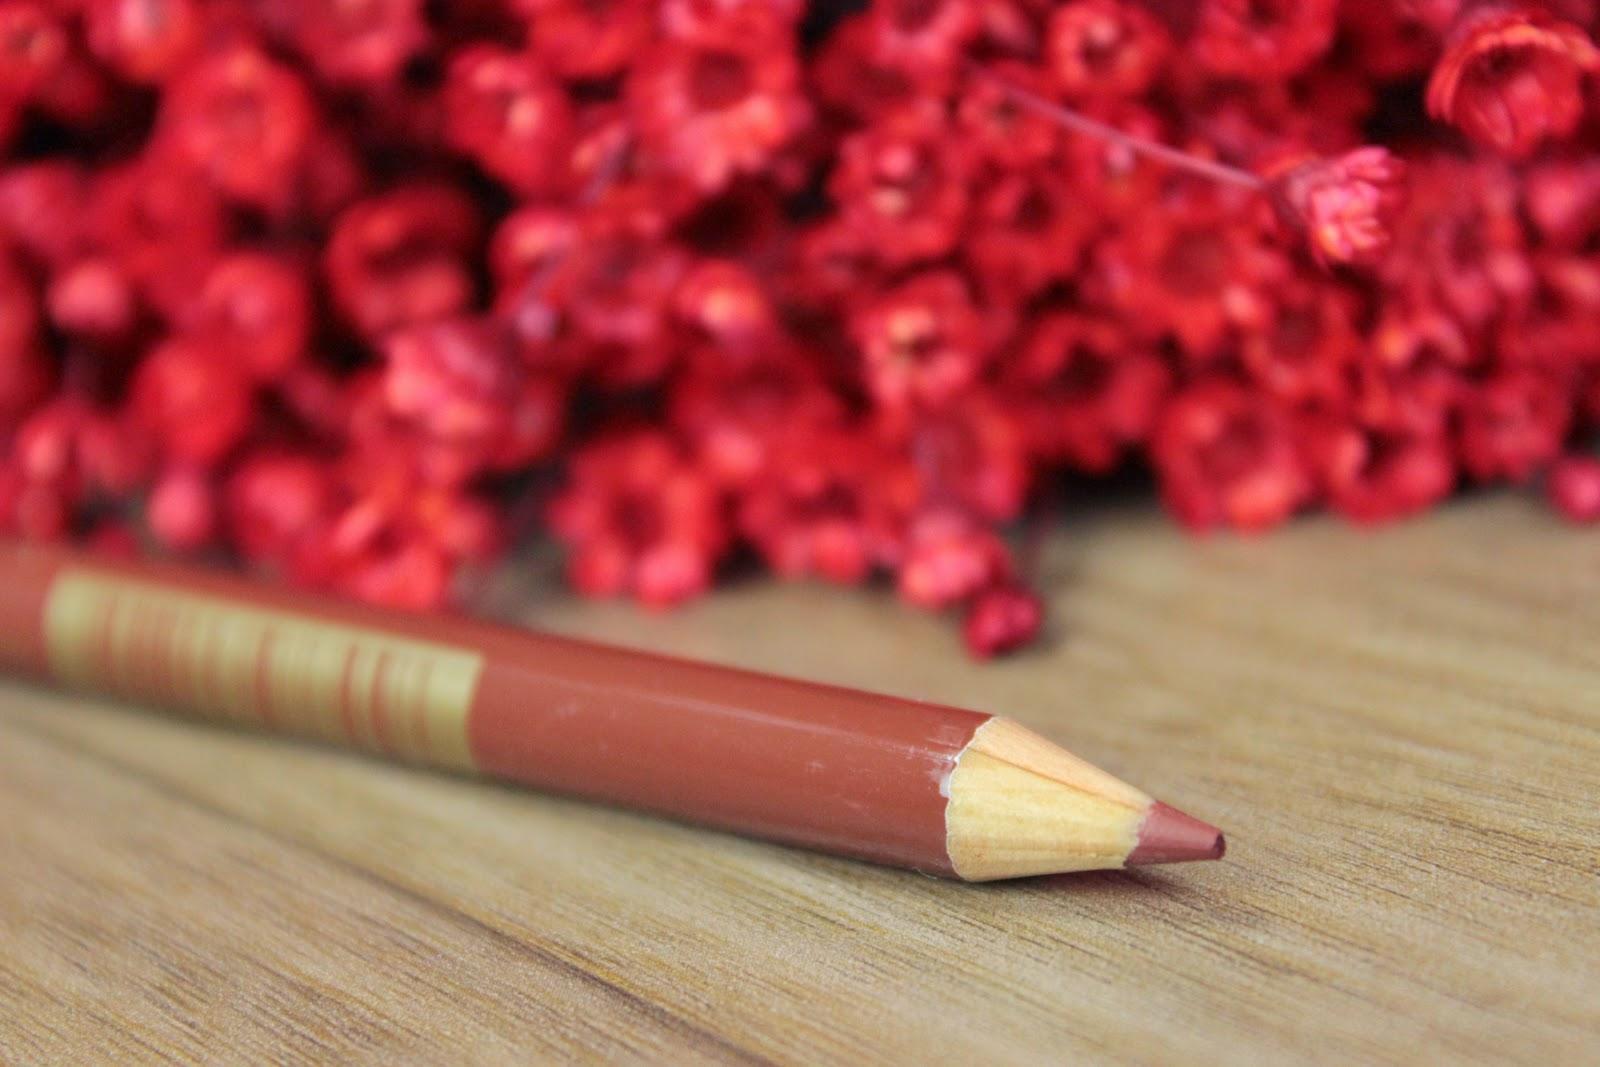 marrom, lápis, labial, lábios, delineador, swatche, batom, batom marrom, inverno, outono, produto bbb, barato, cigana, perfumaria, fashion mimi, perfeito, comprinhas, loira, maquiagem, nude